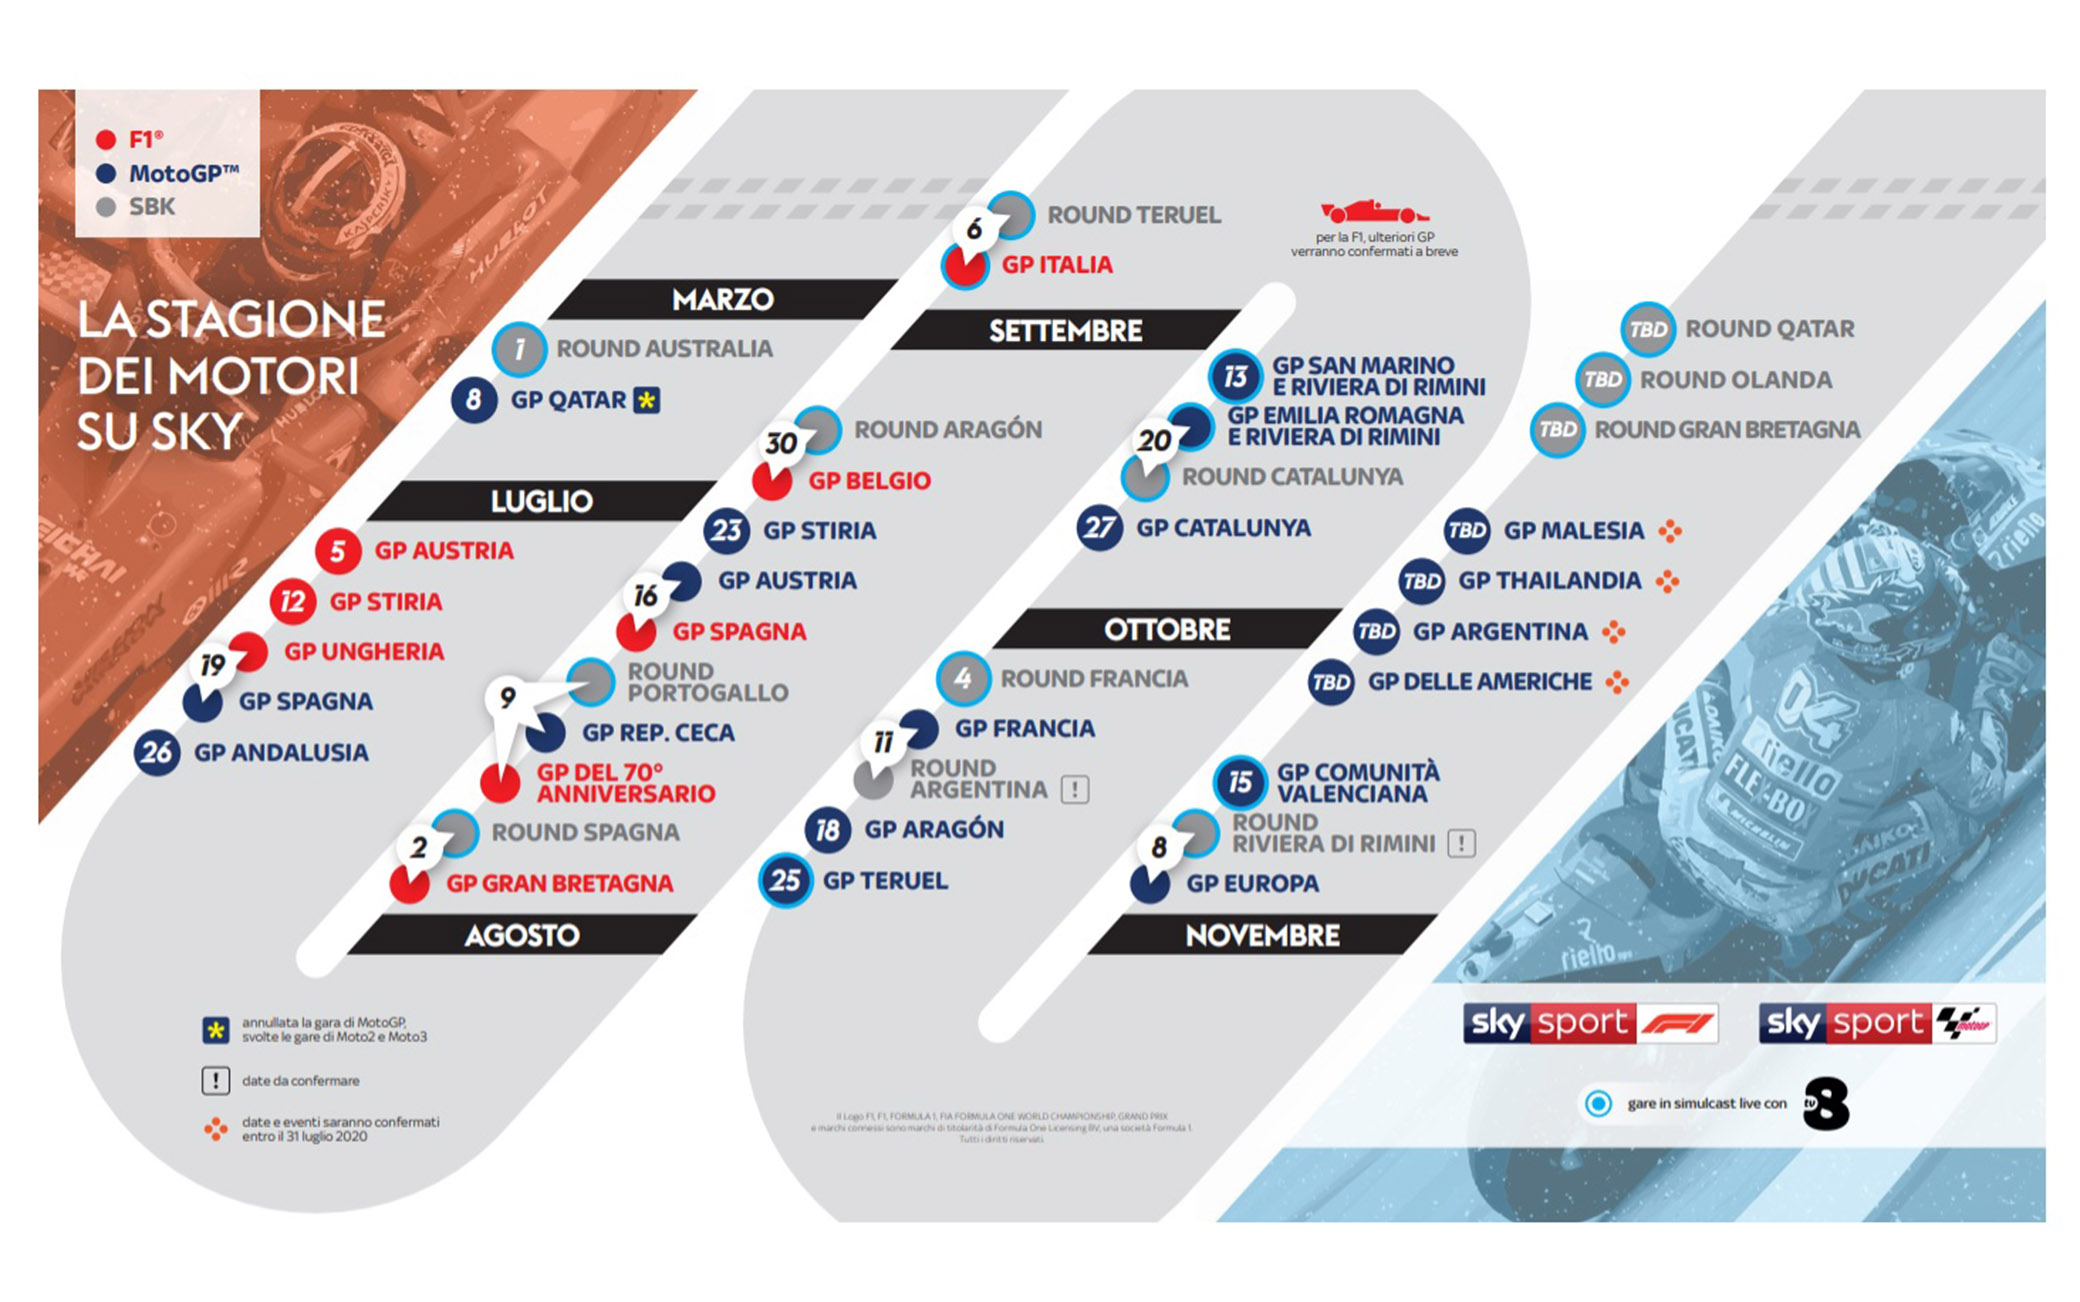 La Formula 1 su Sky anche per le stagioni 2021 e 2022 | Sky Sport